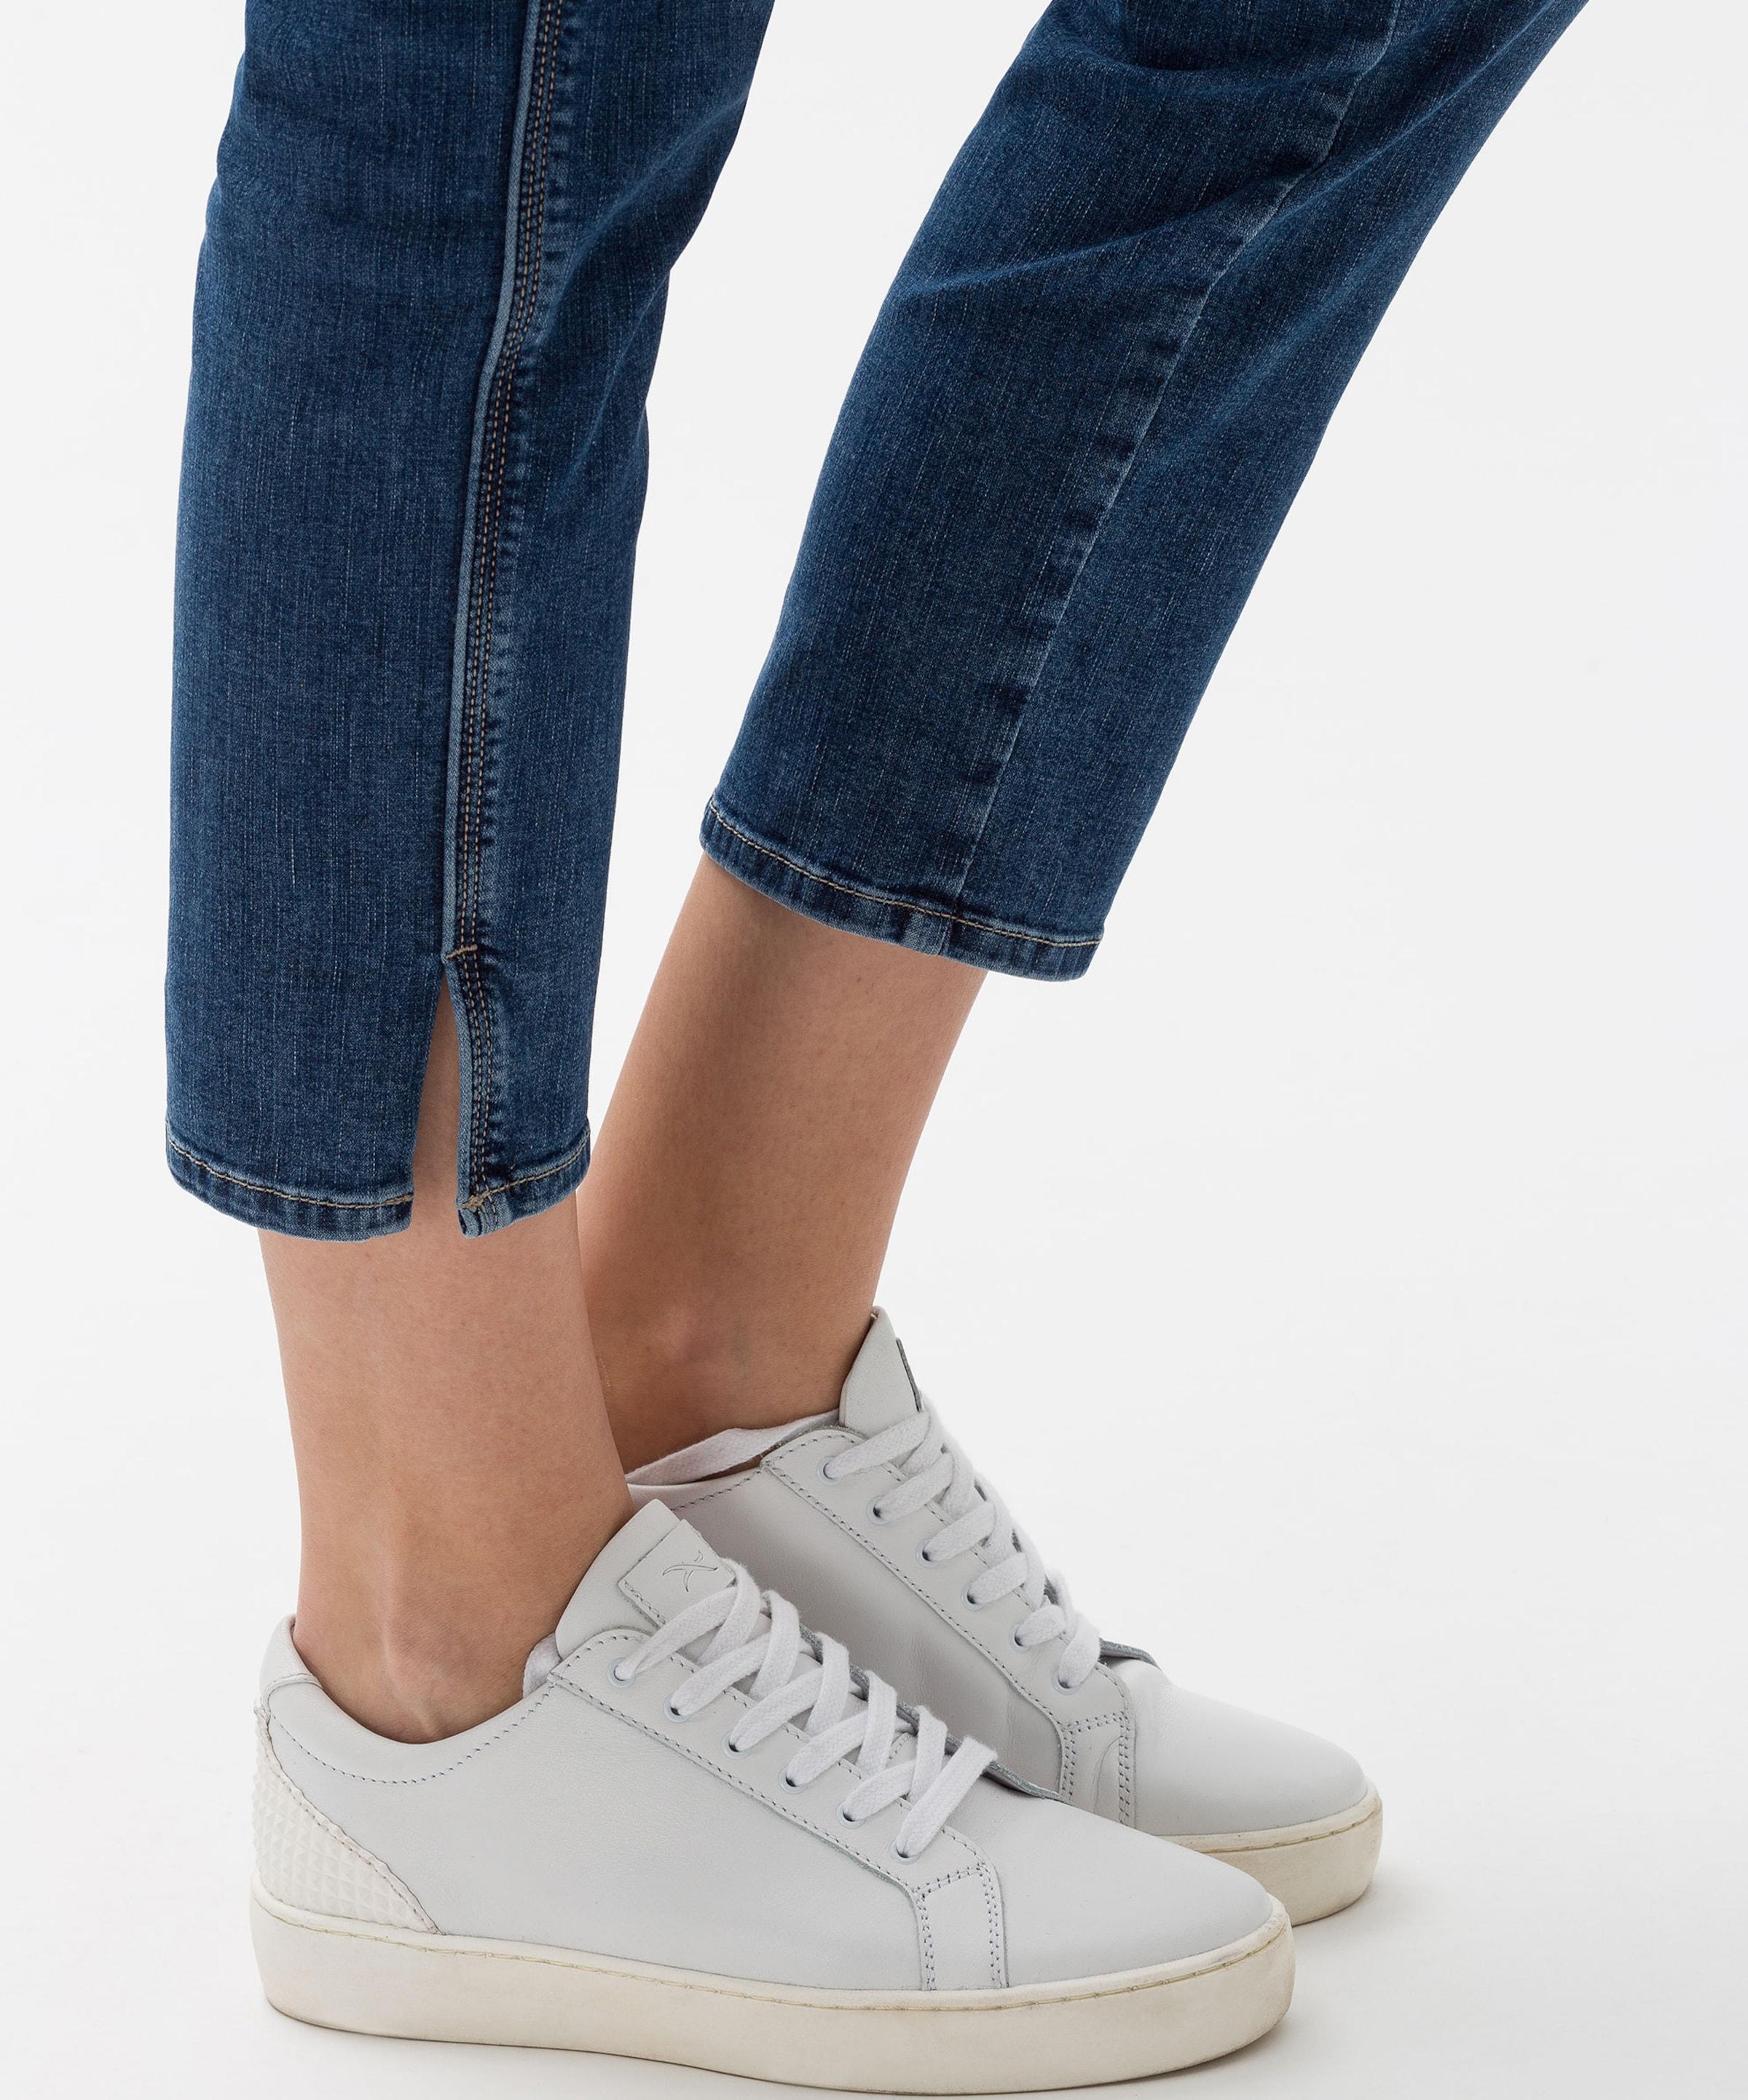 S' In Denim Jeans 'caro Blue Brax RAL35j4